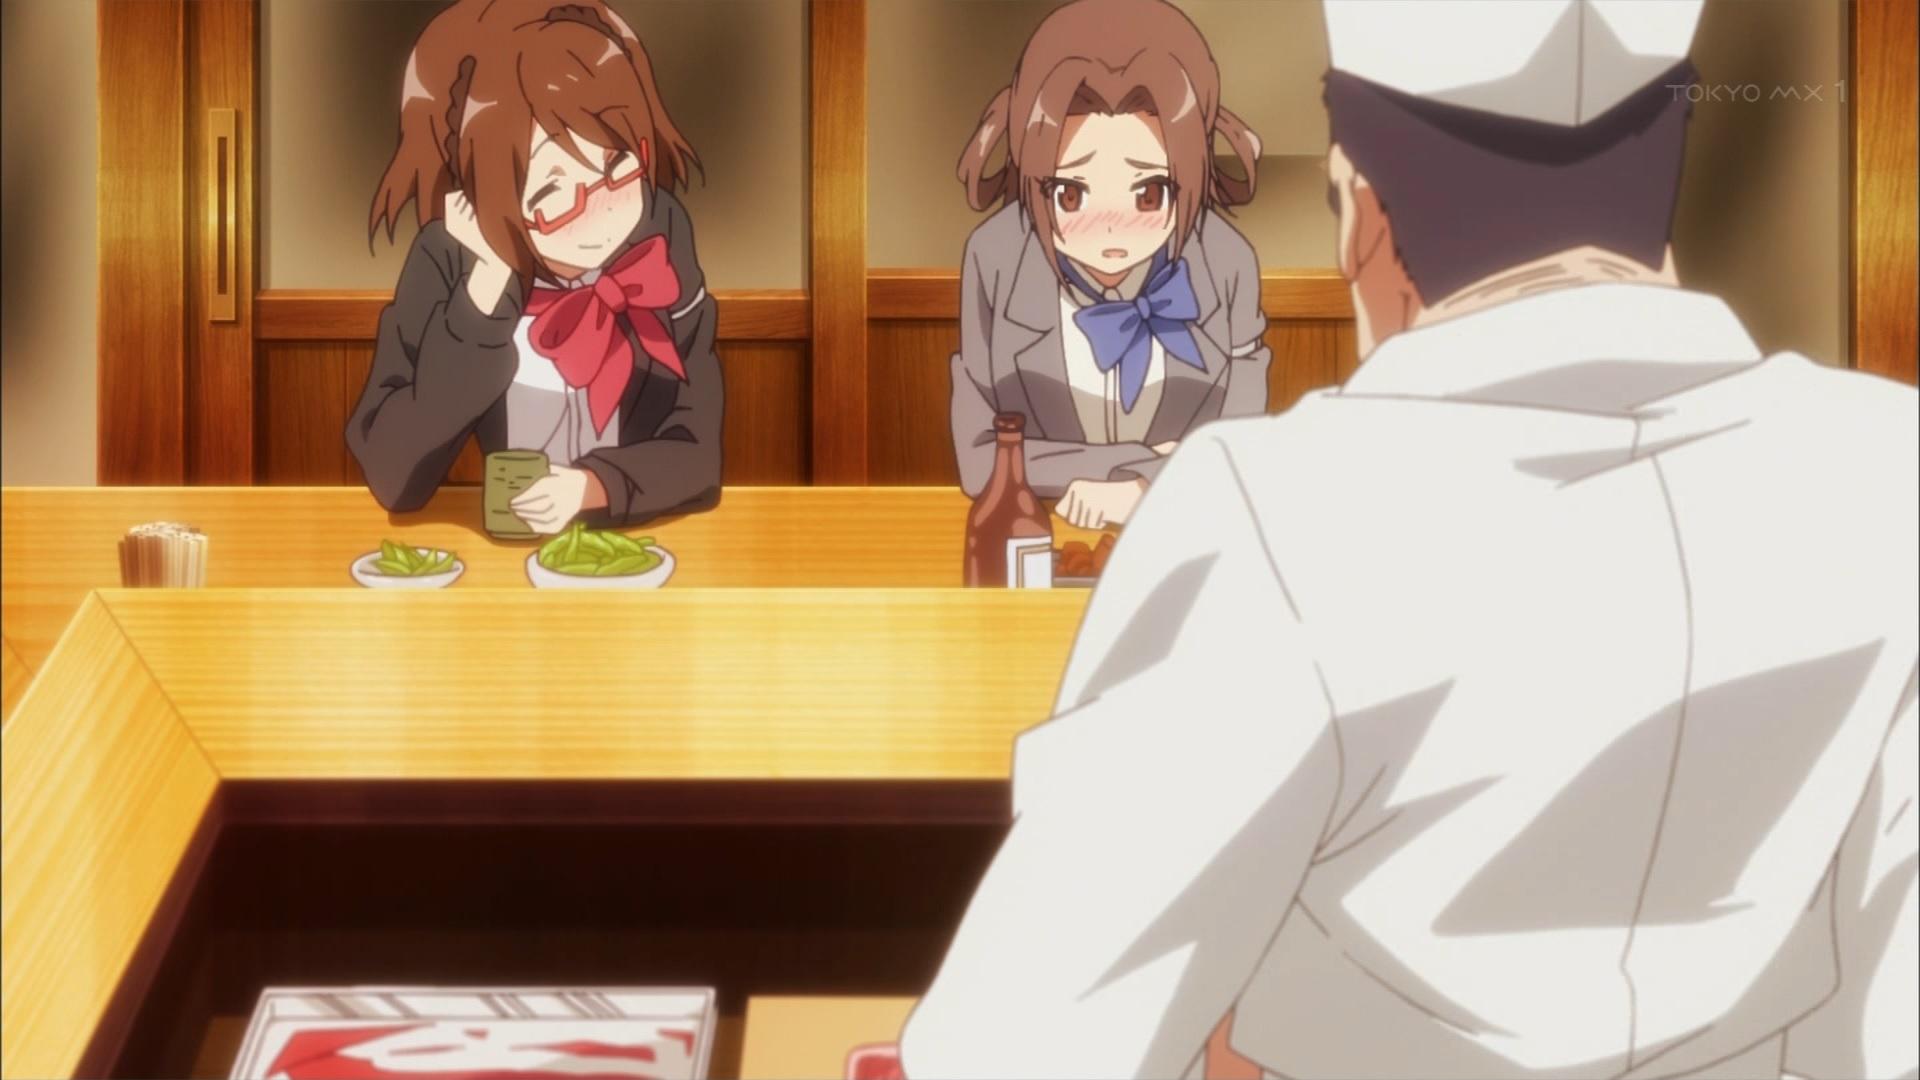 藤崎梨乃と副学園長の飲み